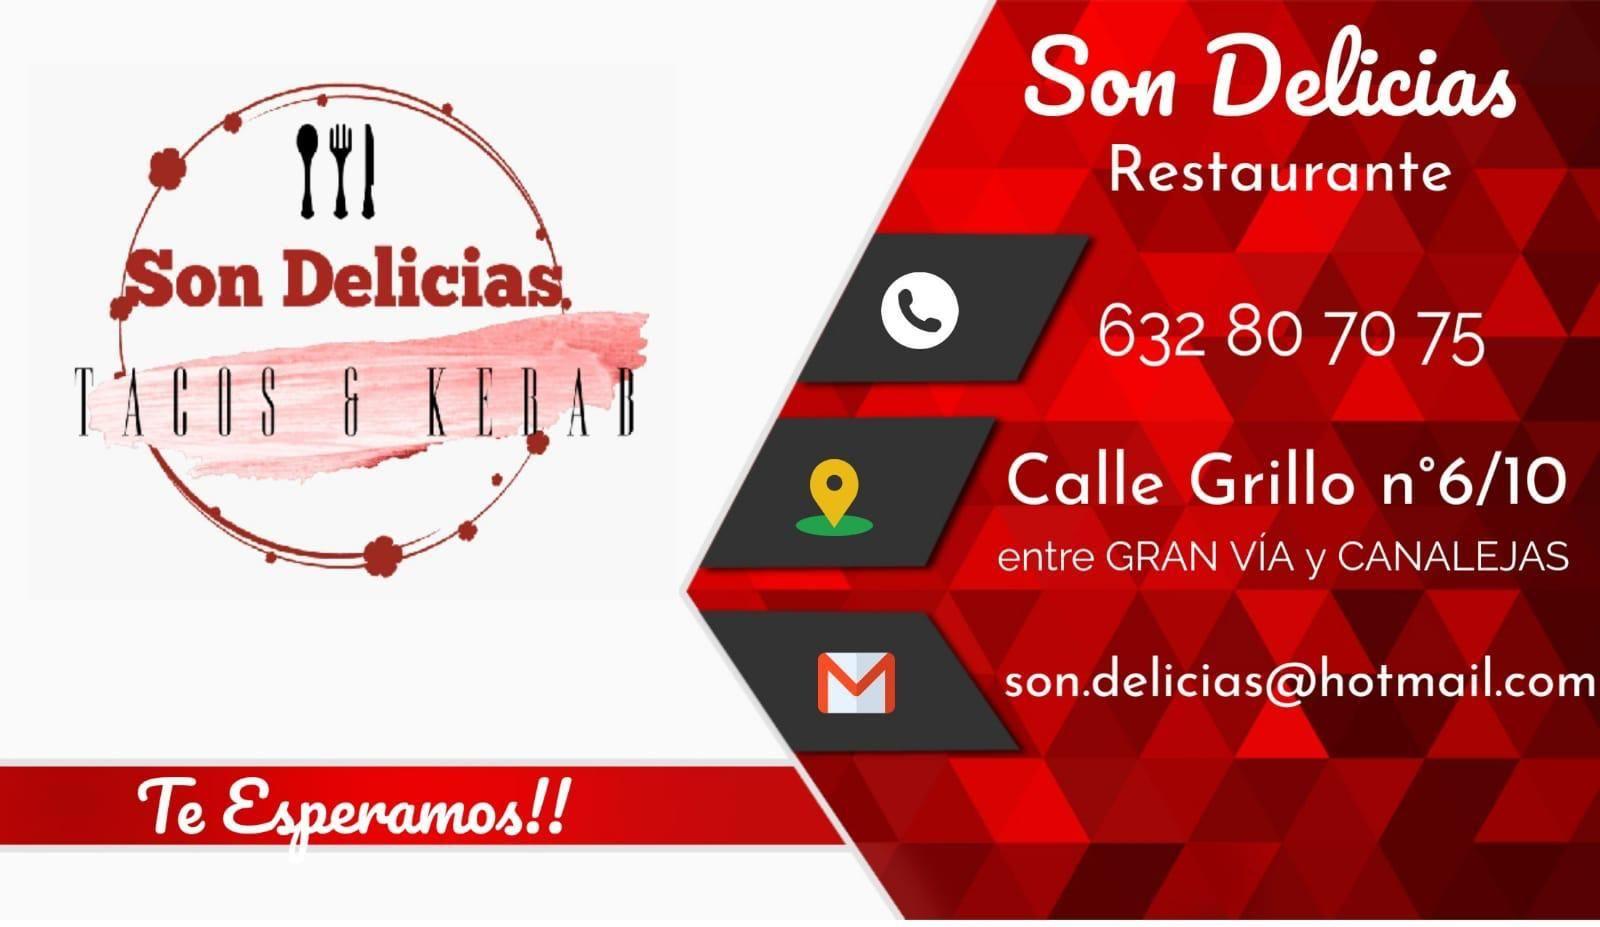 Foto 4 de Cocina turca en  | Son Delicias